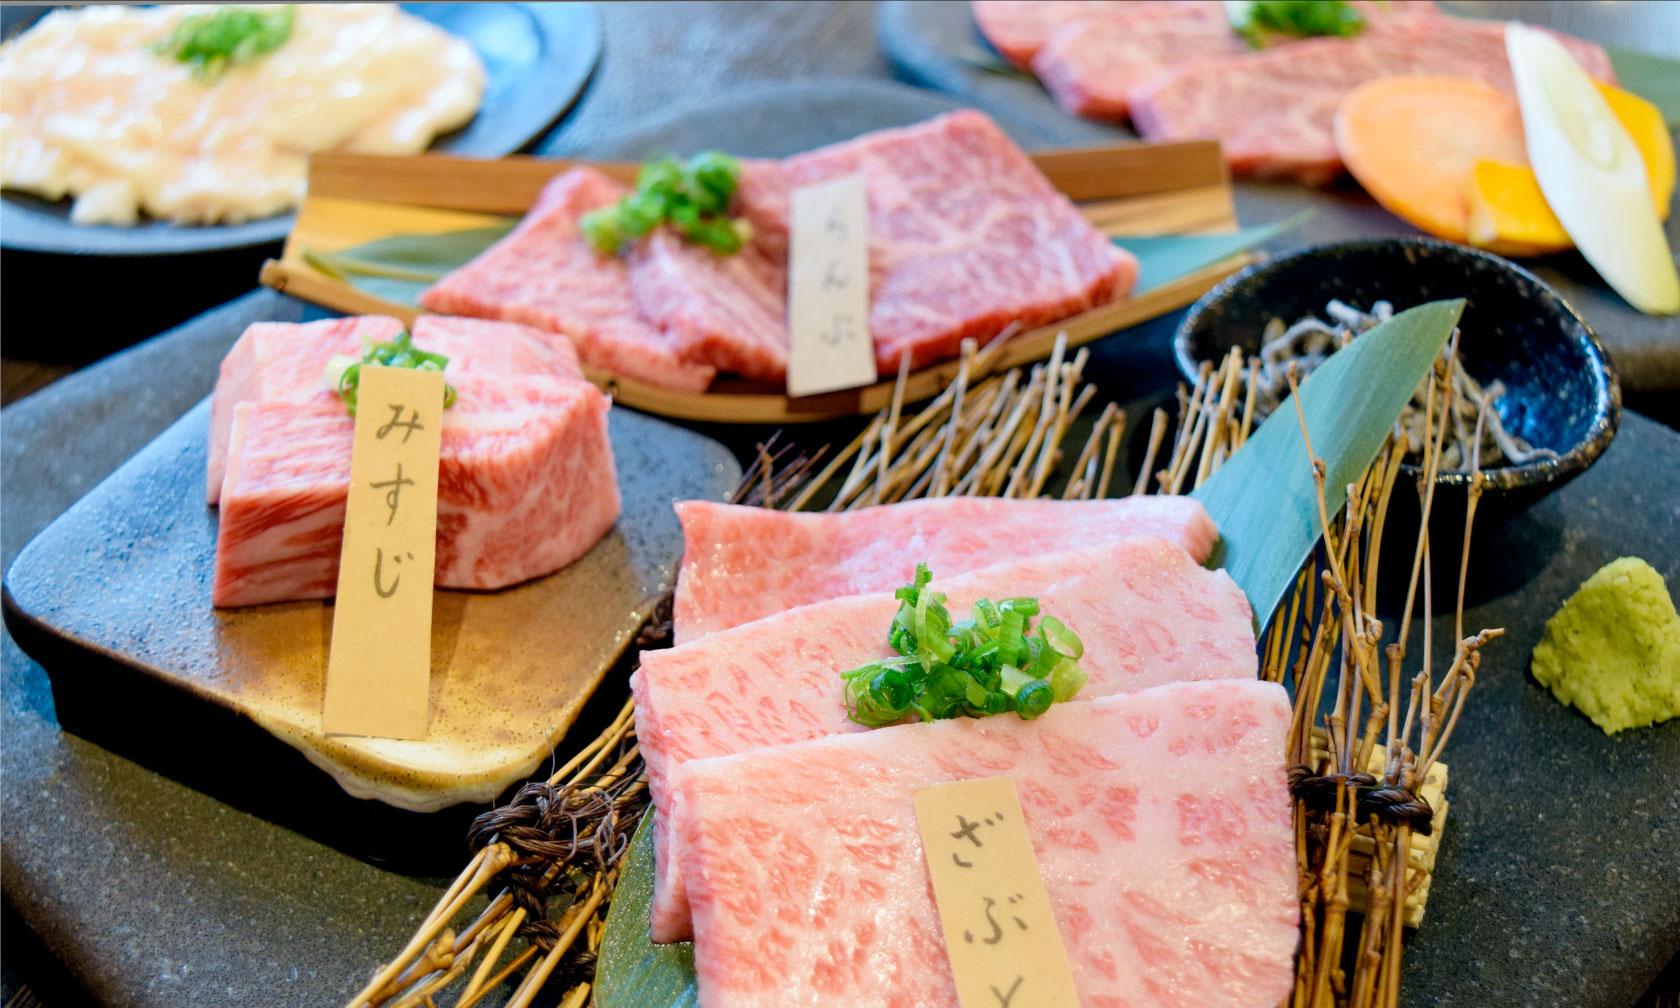 ホルモン問屋 肉番長の料理写真